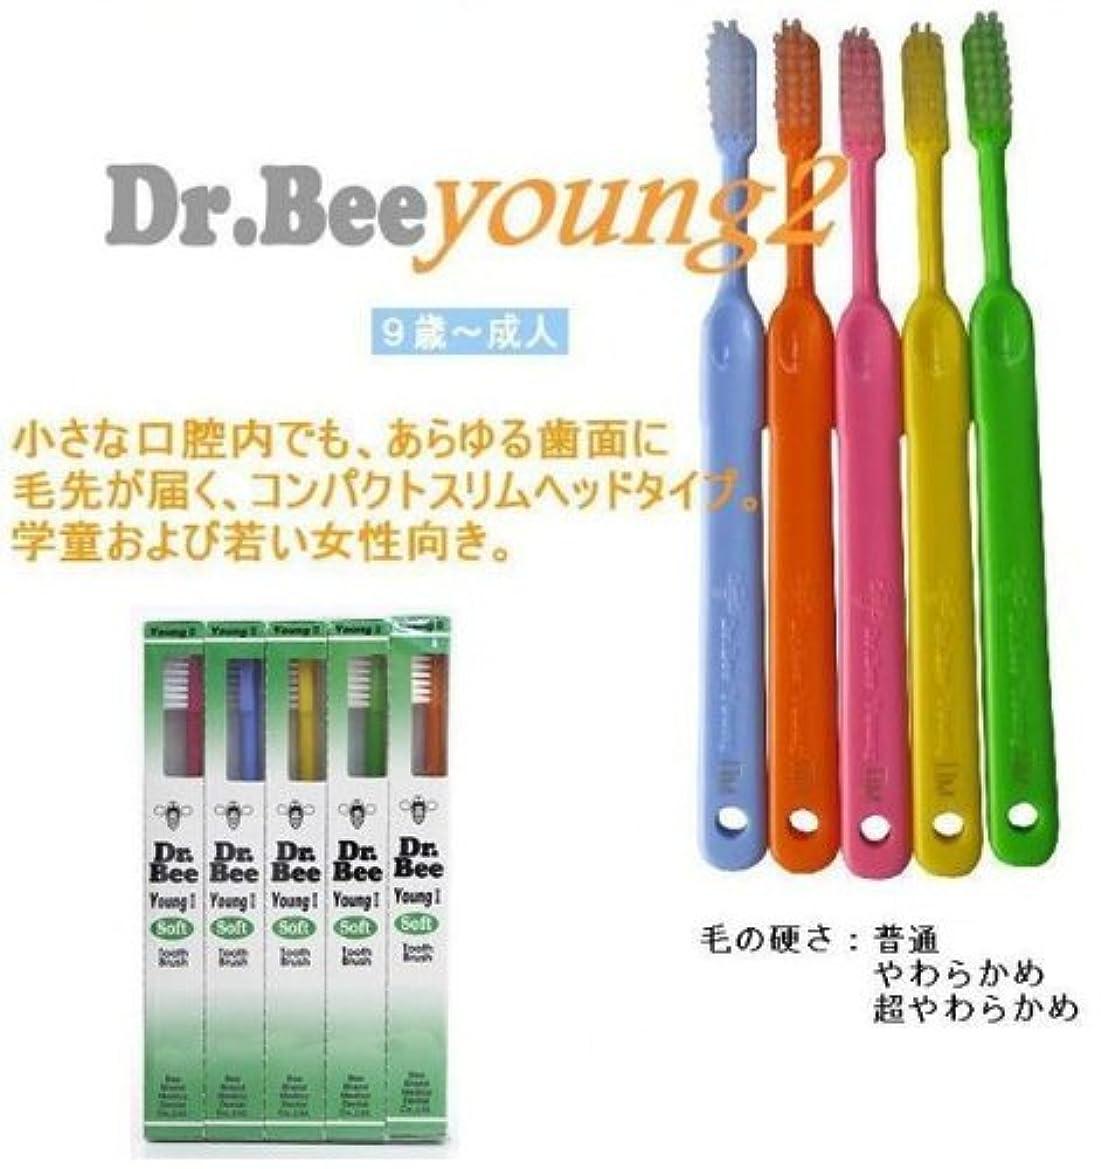 職人血氷BeeBrand Dr.BEE 歯ブラシ ヤングII ミディアム